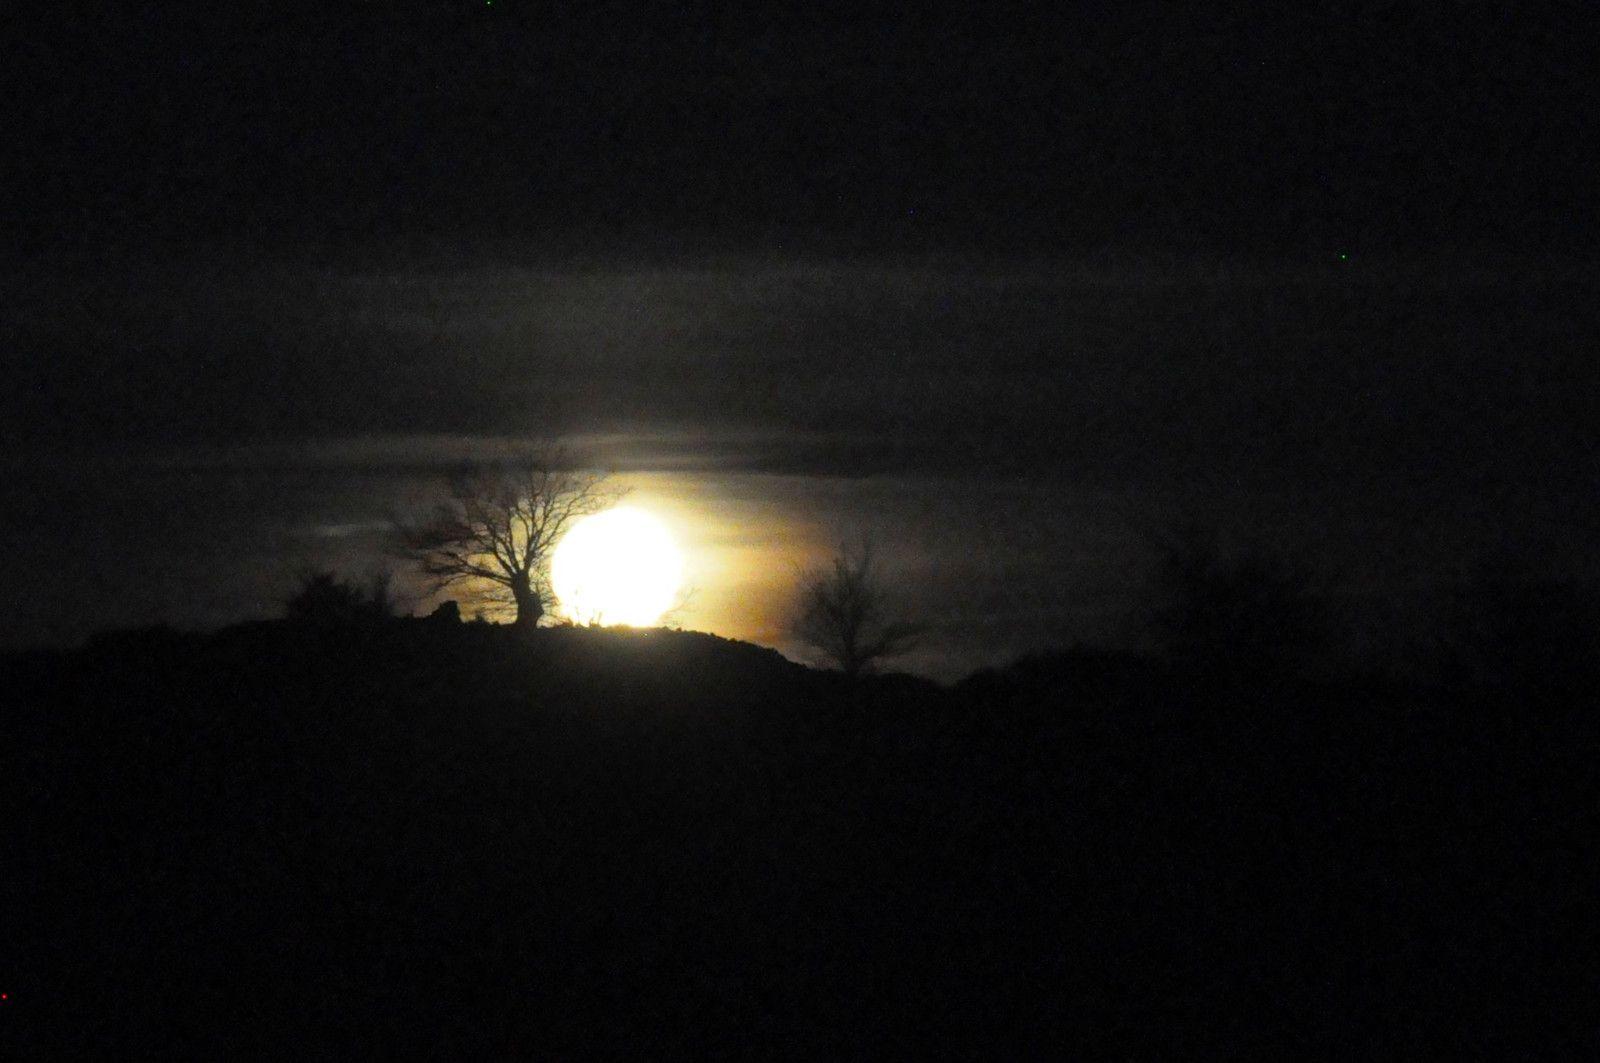 Objectif voir bien l'arbre avec la pleine lune.